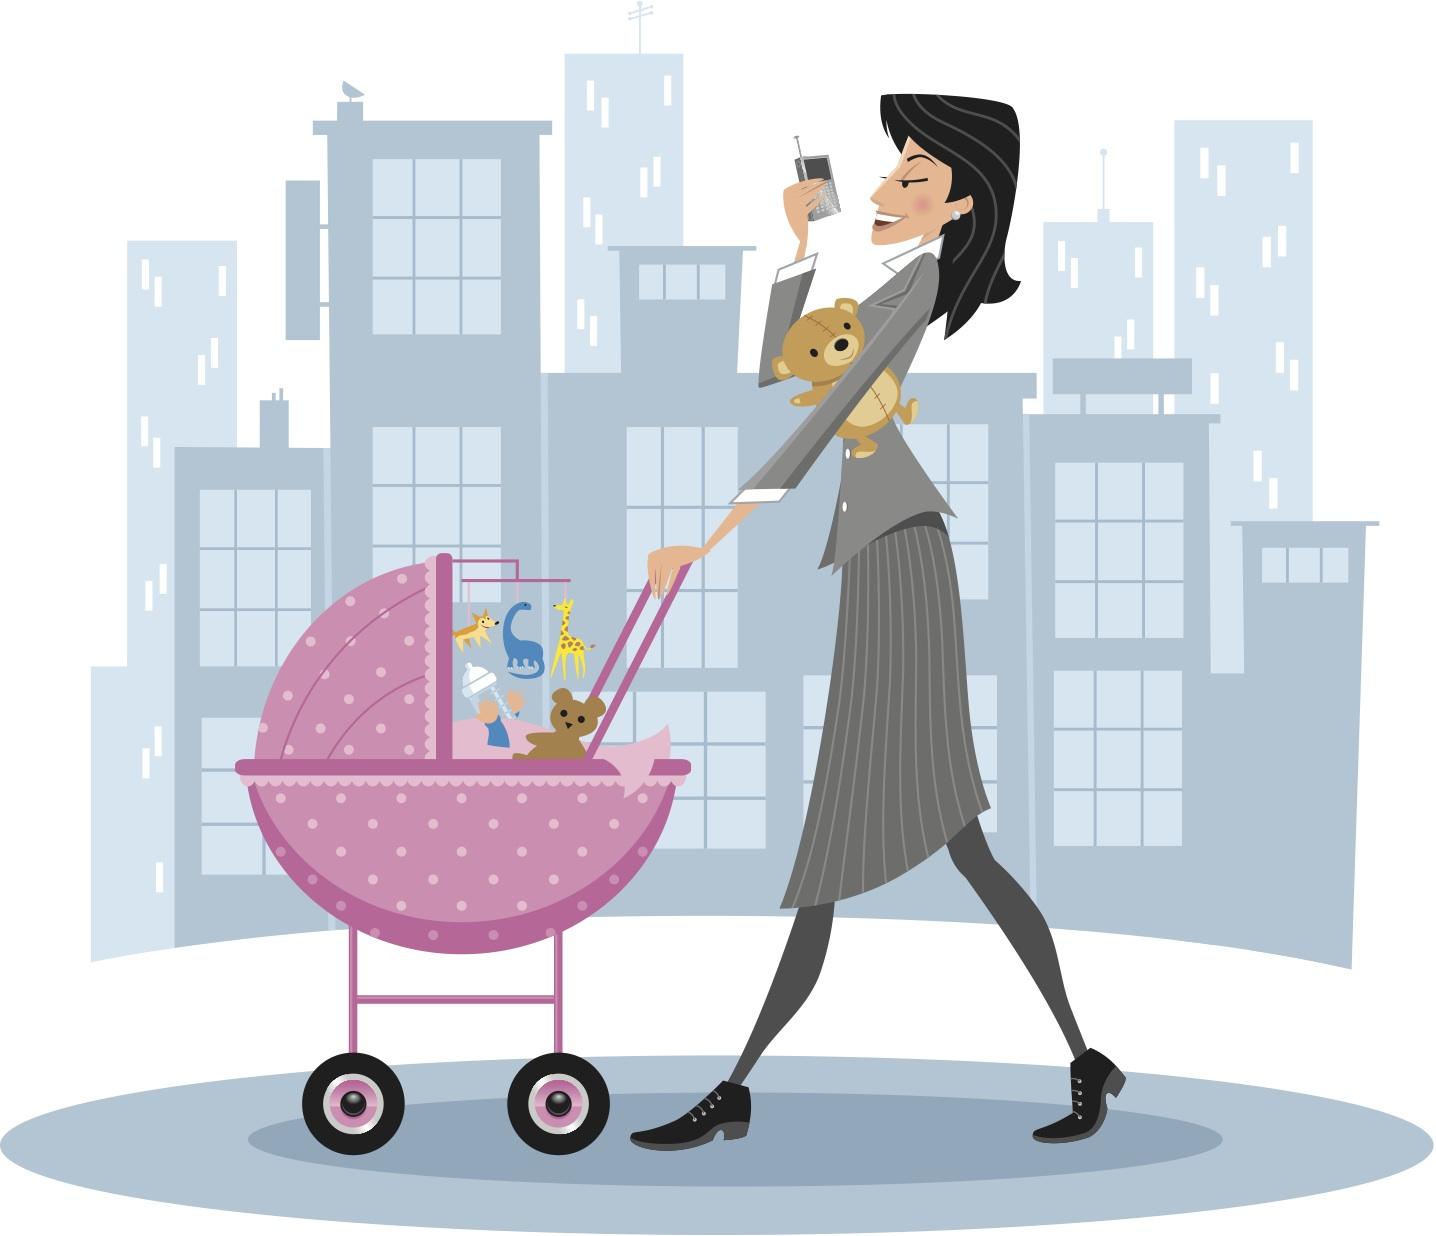 كيف تنظم المرأة العاملة وقتها